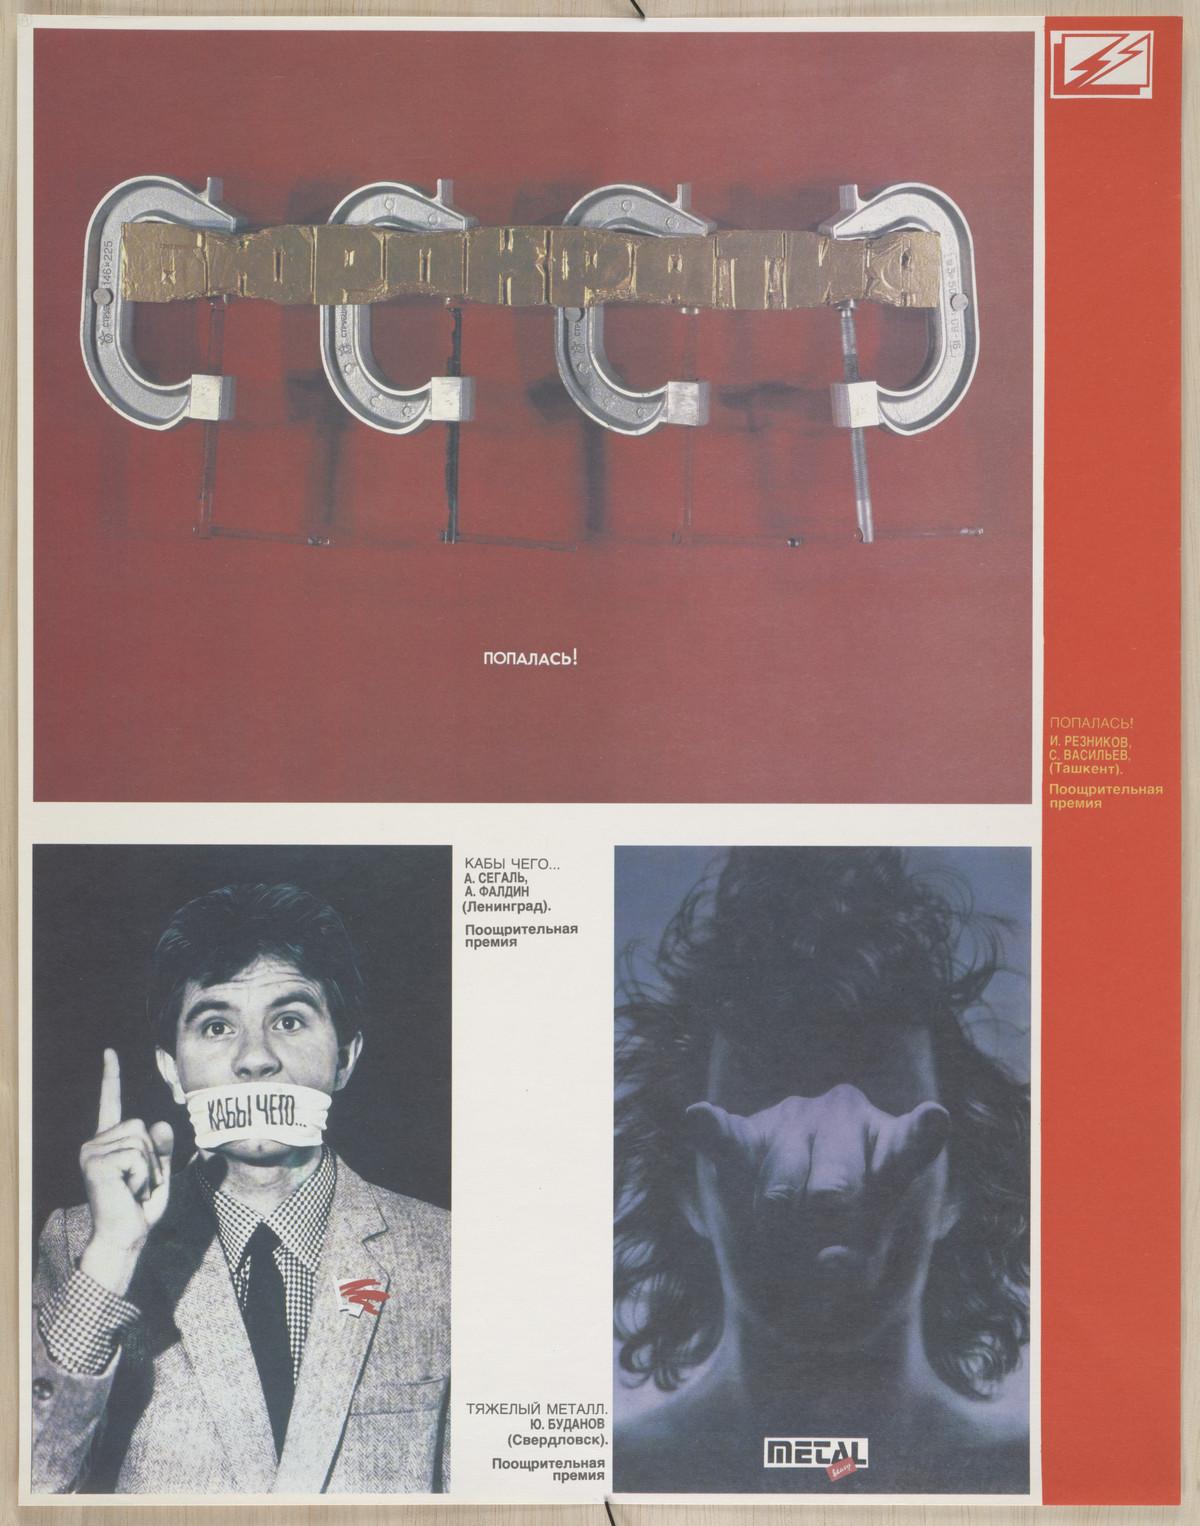 sovetskie-kommunisticheskie-plakaty_59